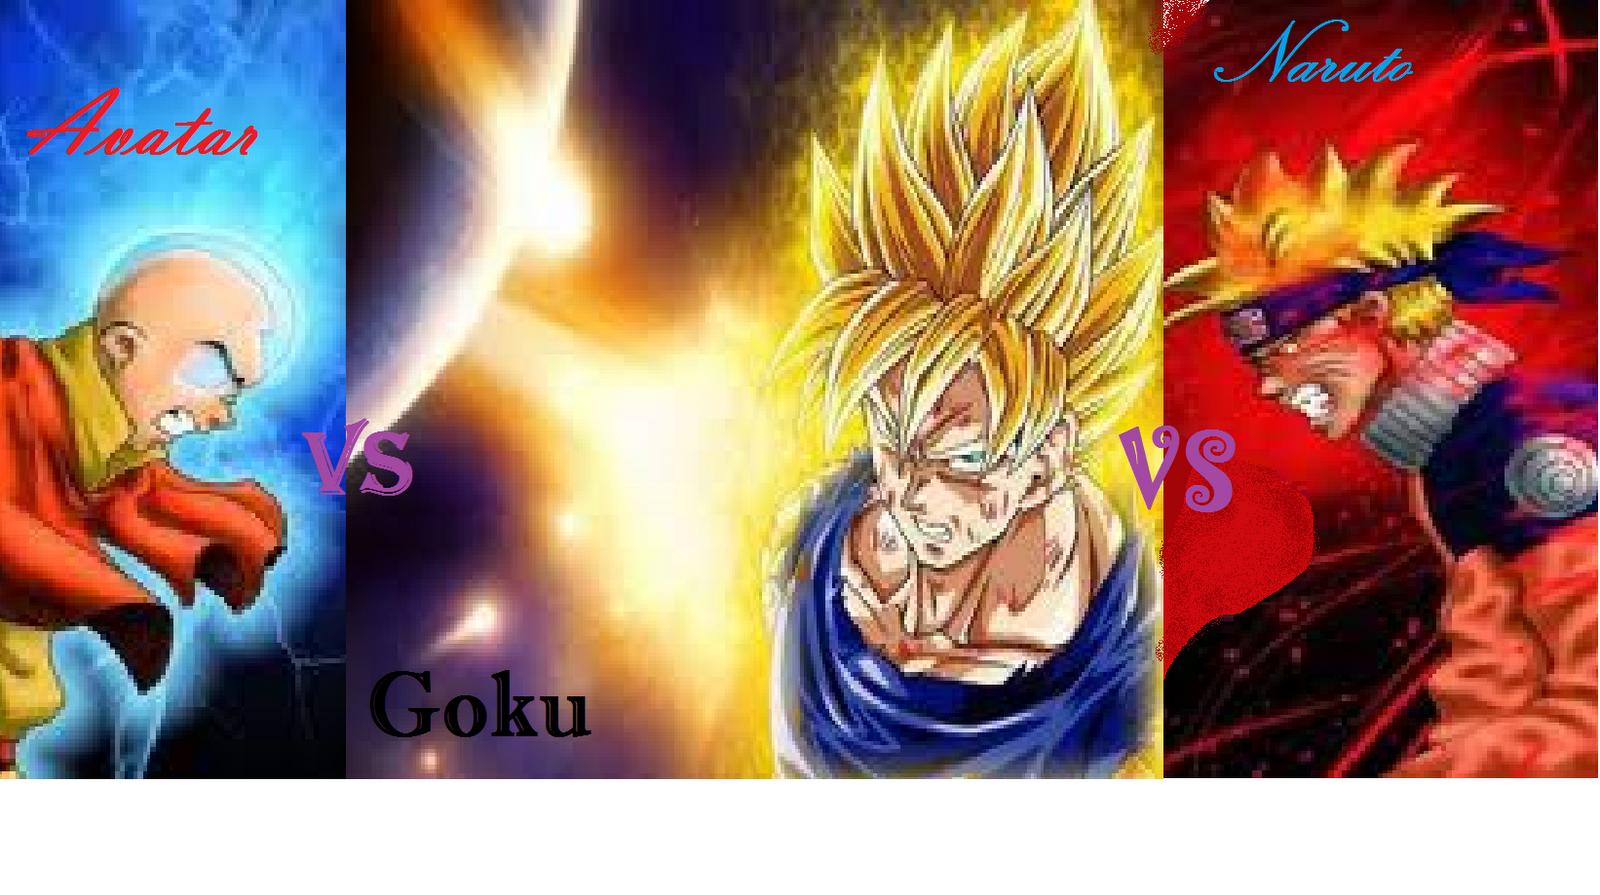 Naruto Vs Avatar Vs GokuNaruto Vs Avatar